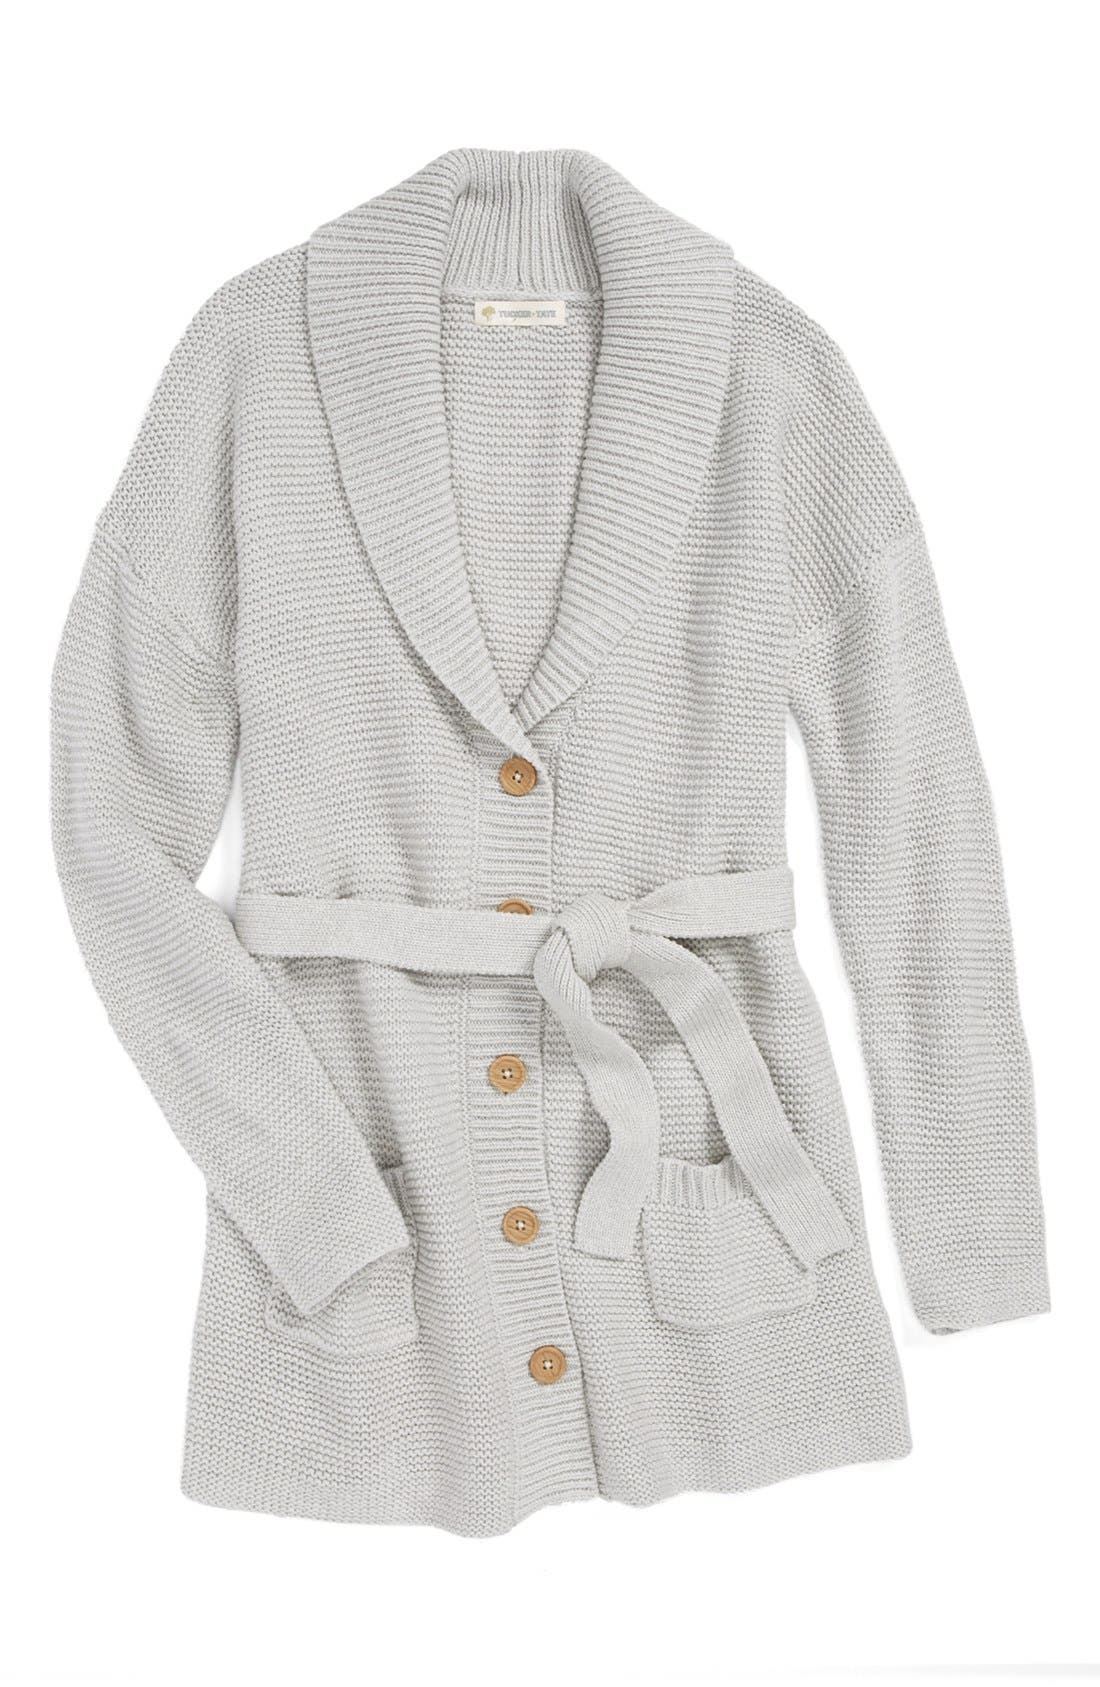 Main Image - Tucker + Tate 'Willow' Sweater Coat (Big Girls)